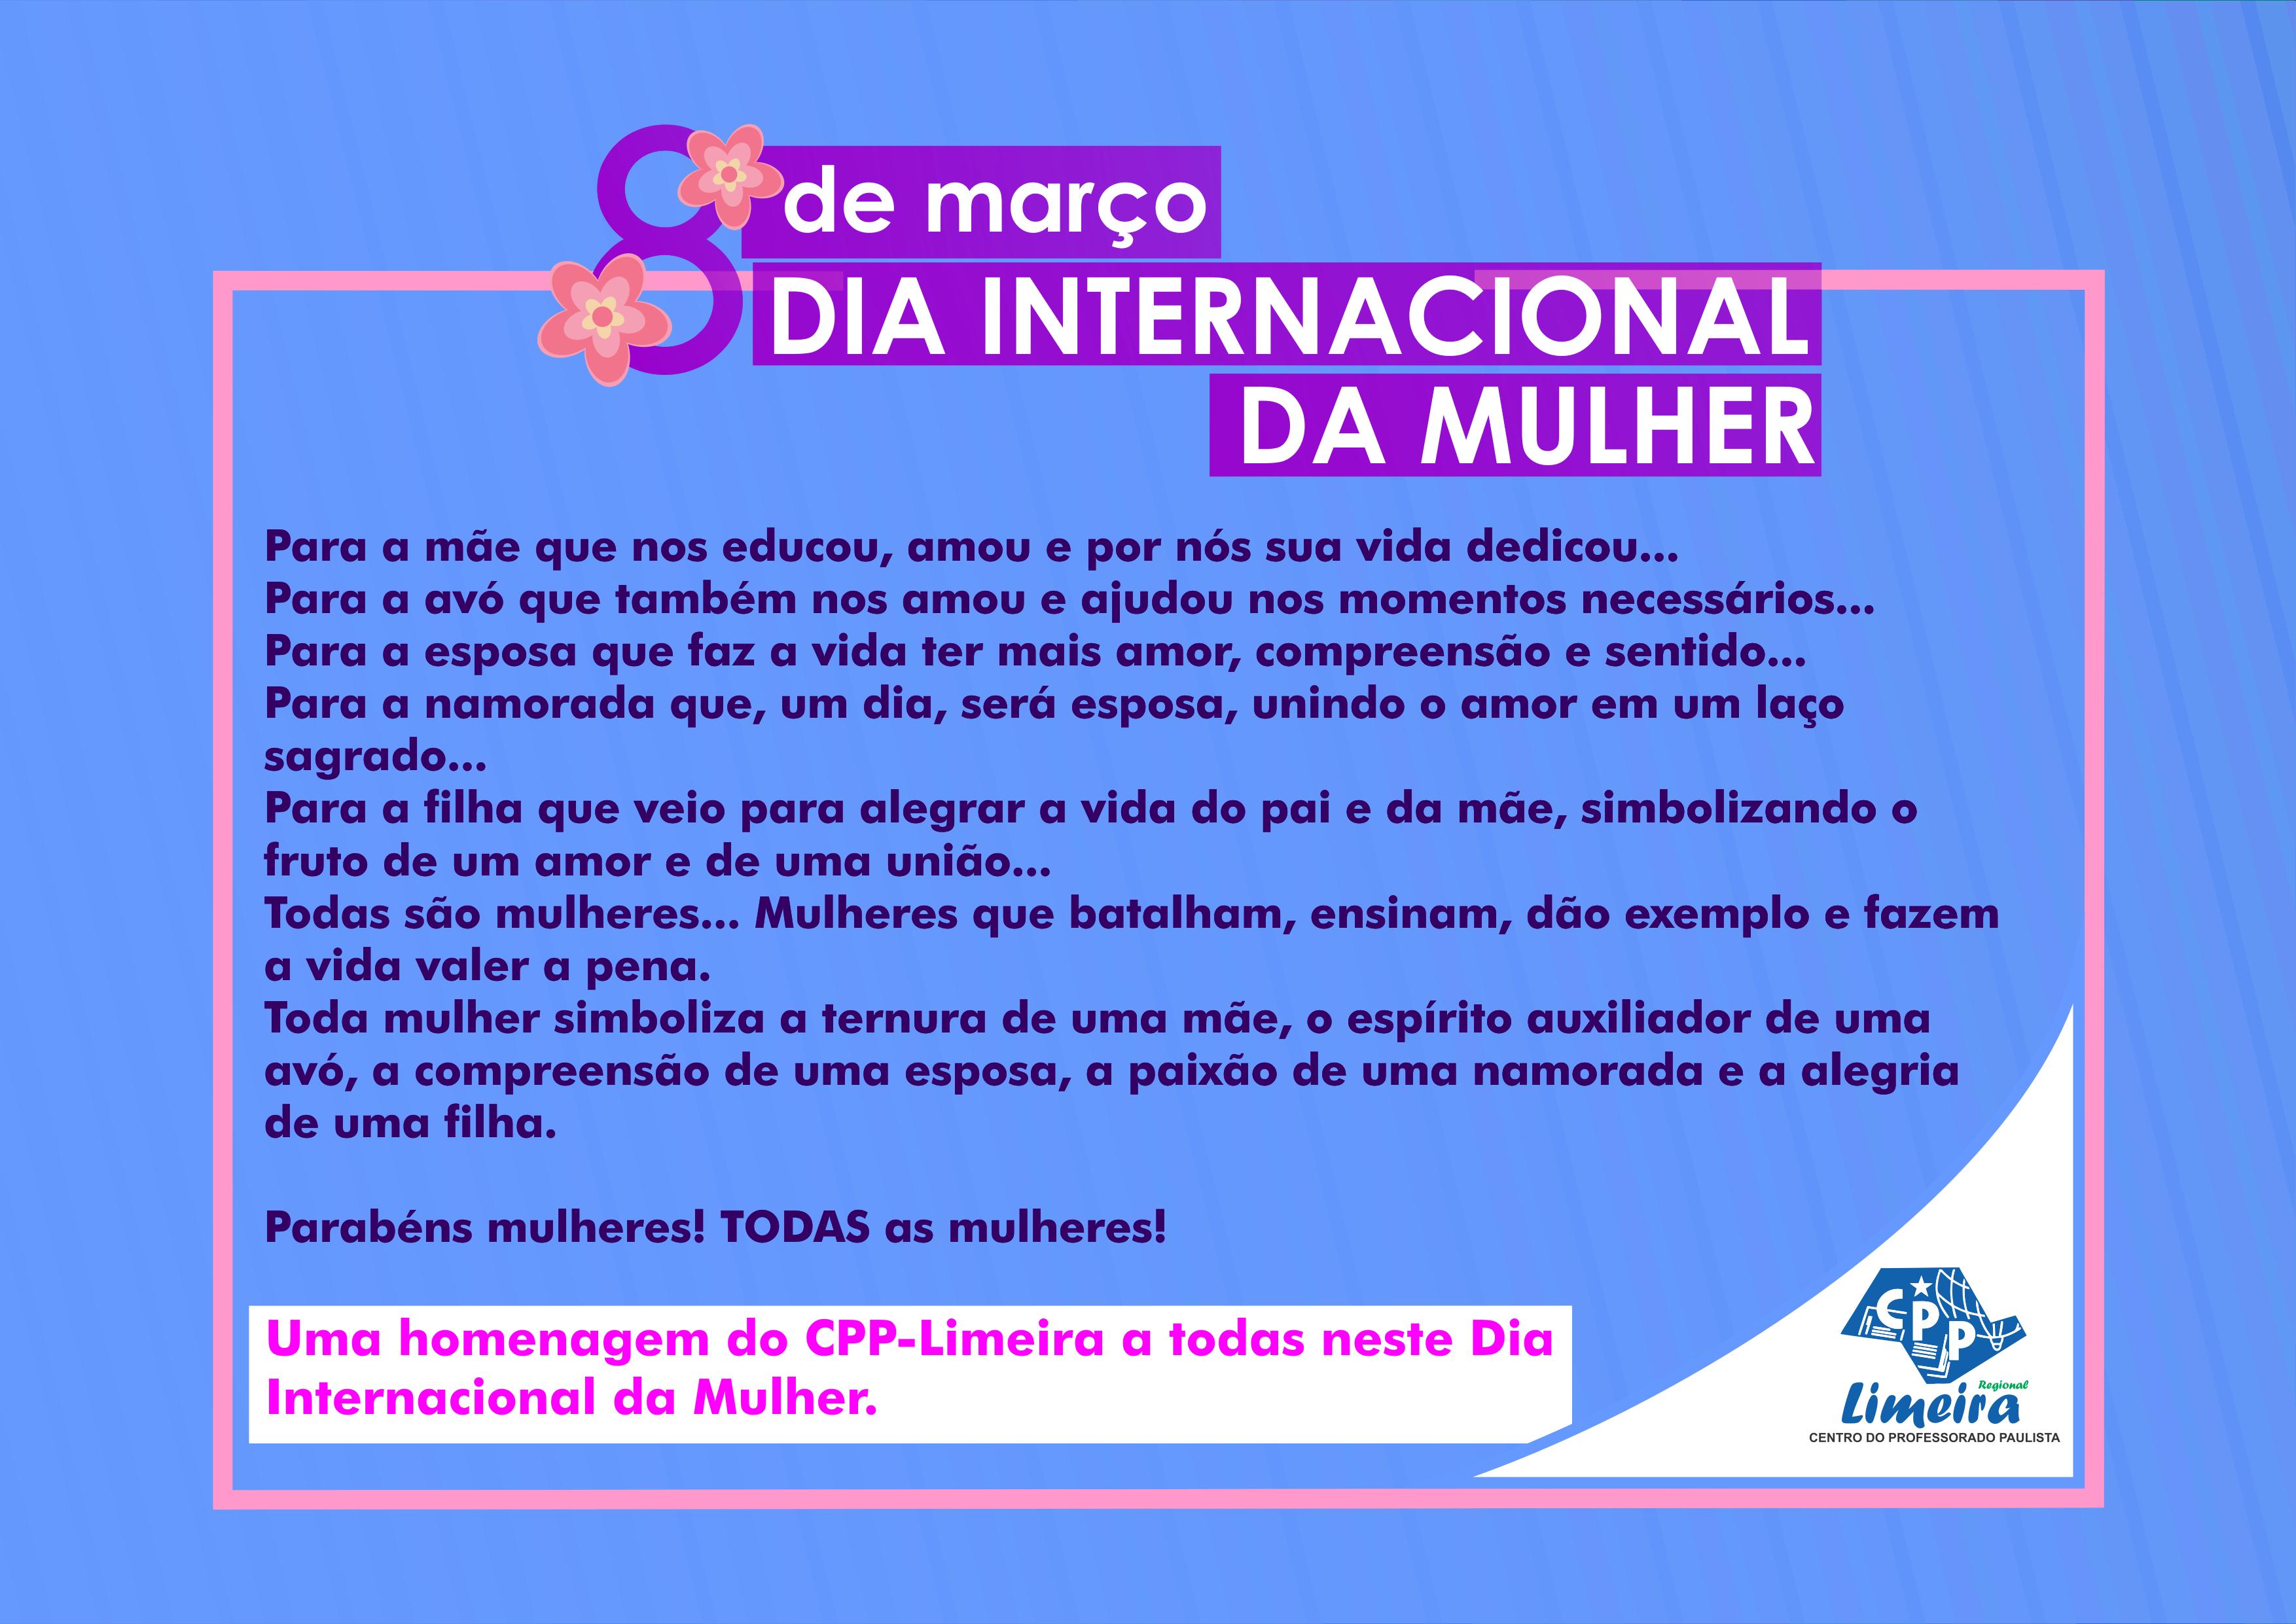 8 de março  Dia Internacional da Mulher! - CPP Limeira 46fbba065a5